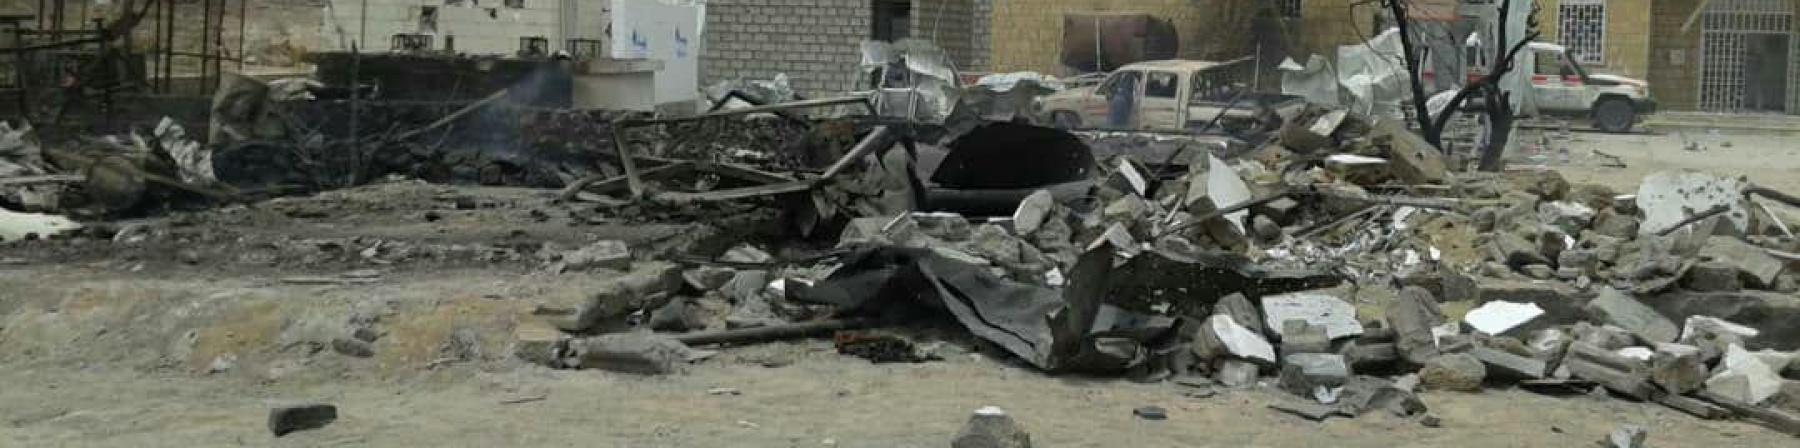 Macerie di un ospedale distrutto in Yemen